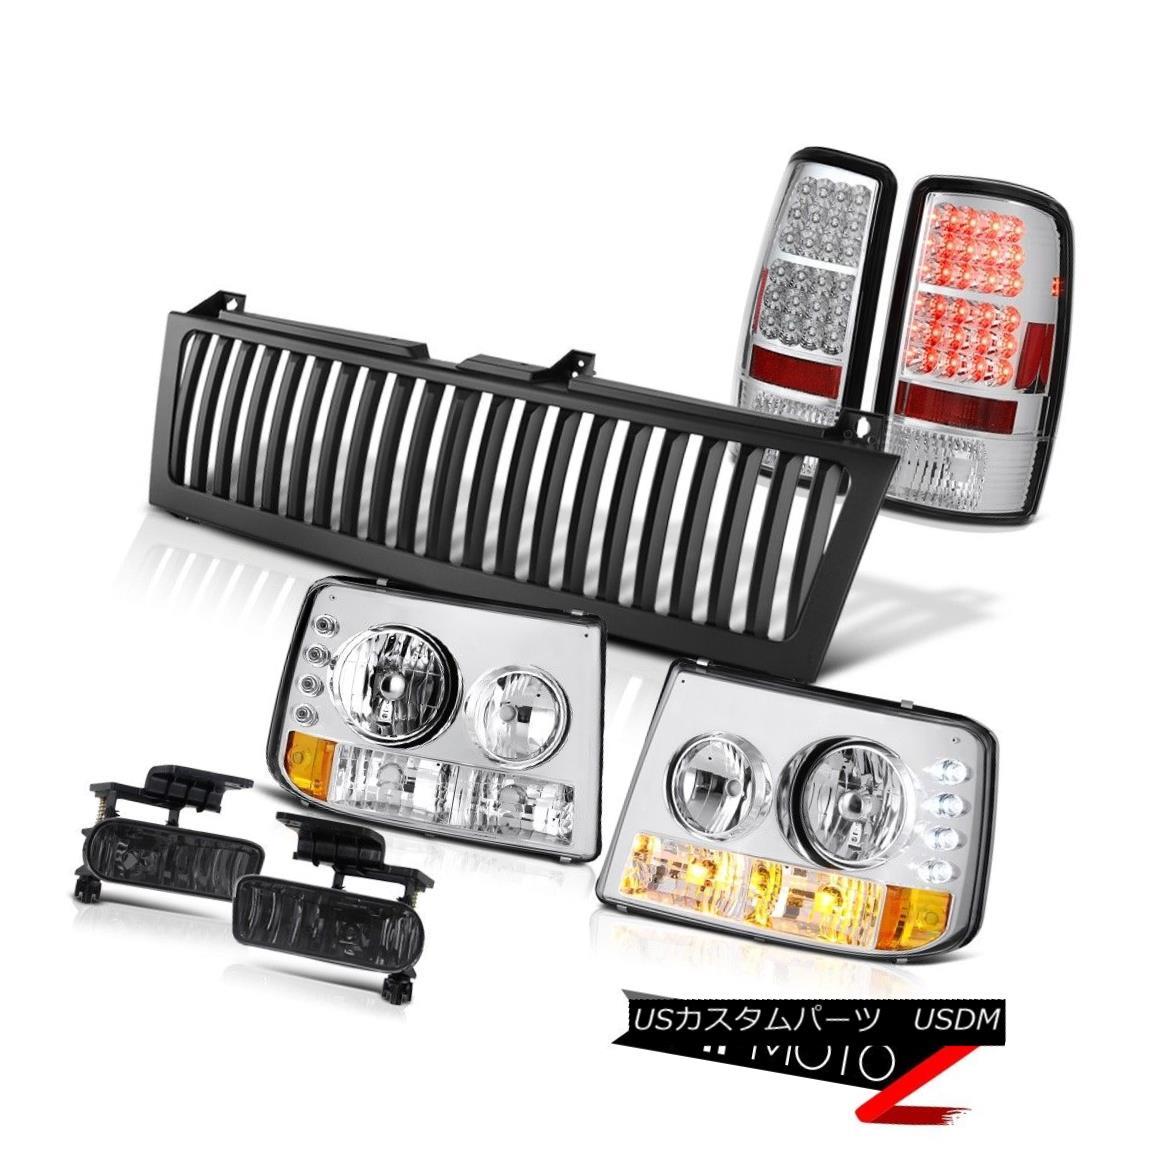 ヘッドライト 00 01 02 03 04 05 06 Chevy Tahoe Euro Chrome Headlight SMD Tail Light Fog Grille 00 01 02 03 04 05 06シェビータホユーロクロームヘッドライトSMDテールライトフォググリル